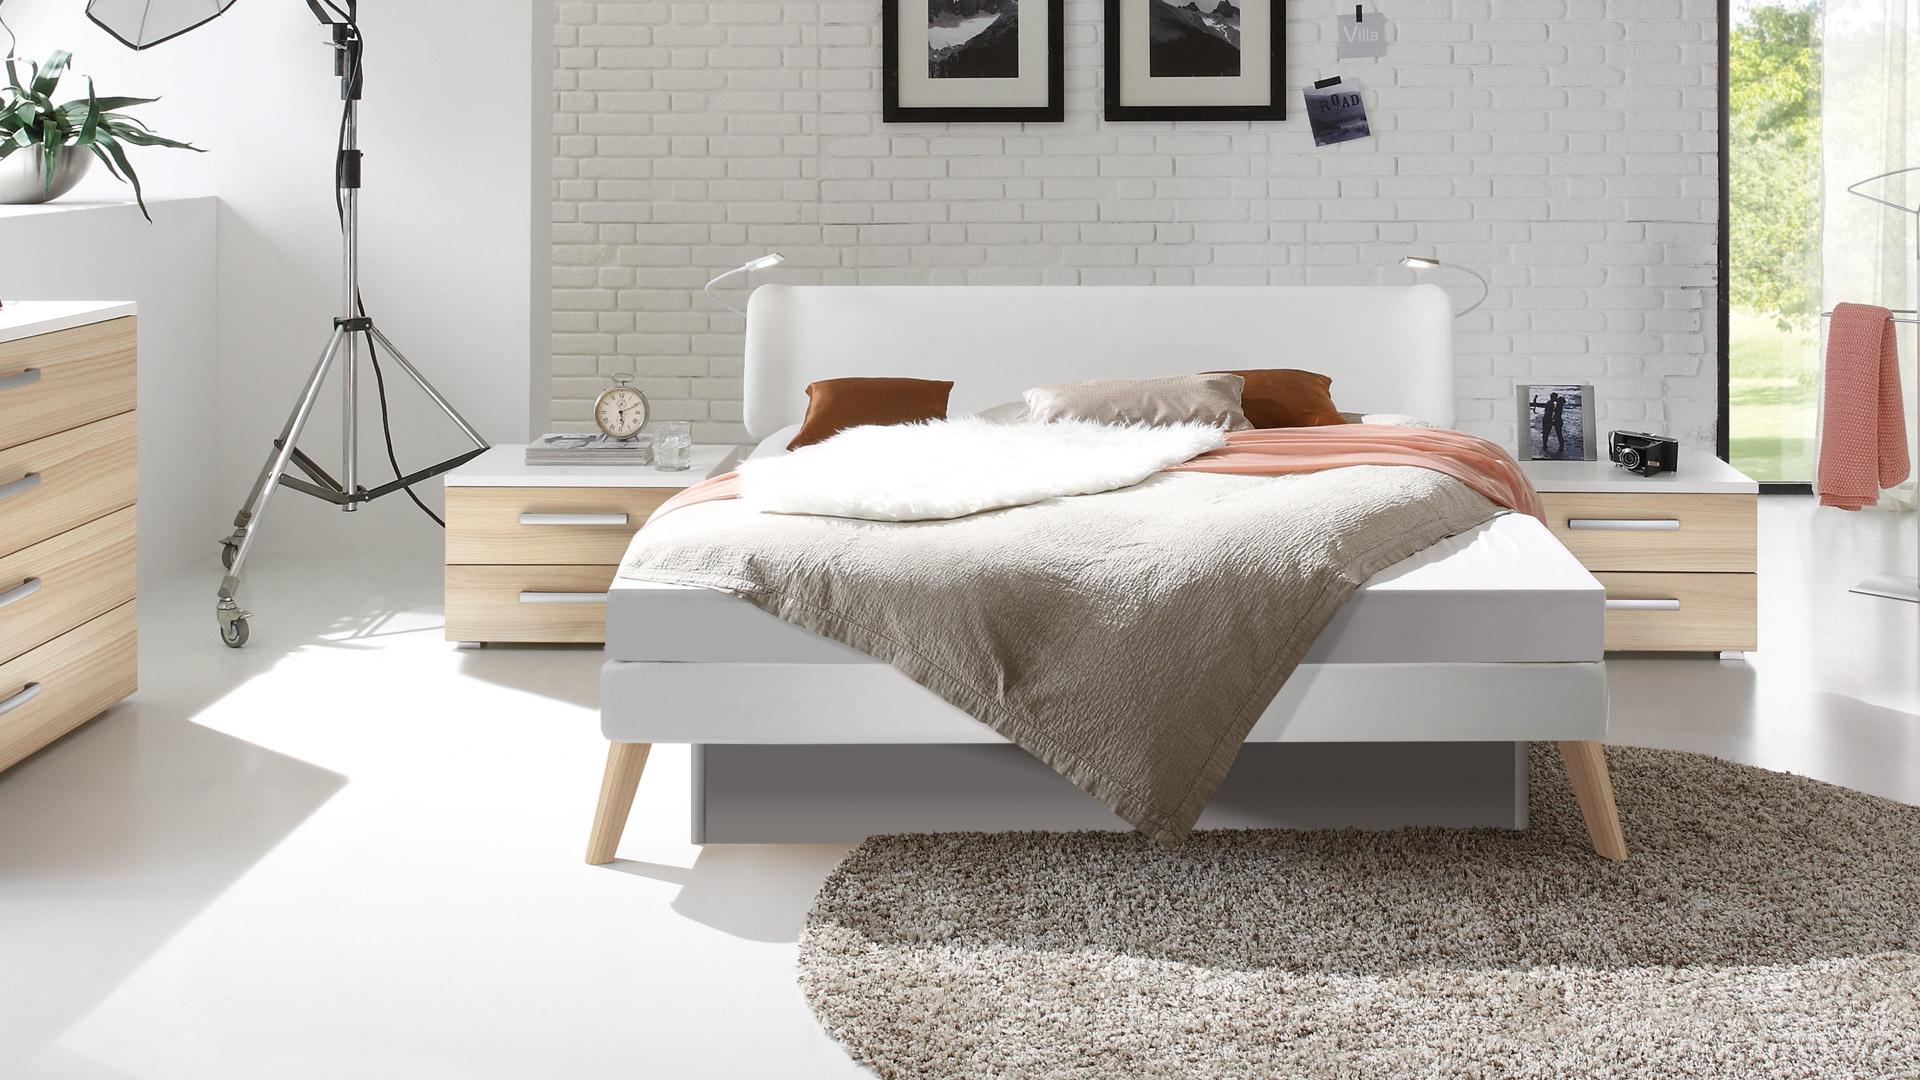 Full Size of Bett Weiß 180x200 Somnus Betten Designer Ohne Füße Wickelbrett Für Hamburg Dänisches Bettenlager Badezimmer Mit Unterbett Modern Design 120x200 Bett Wasser Bett